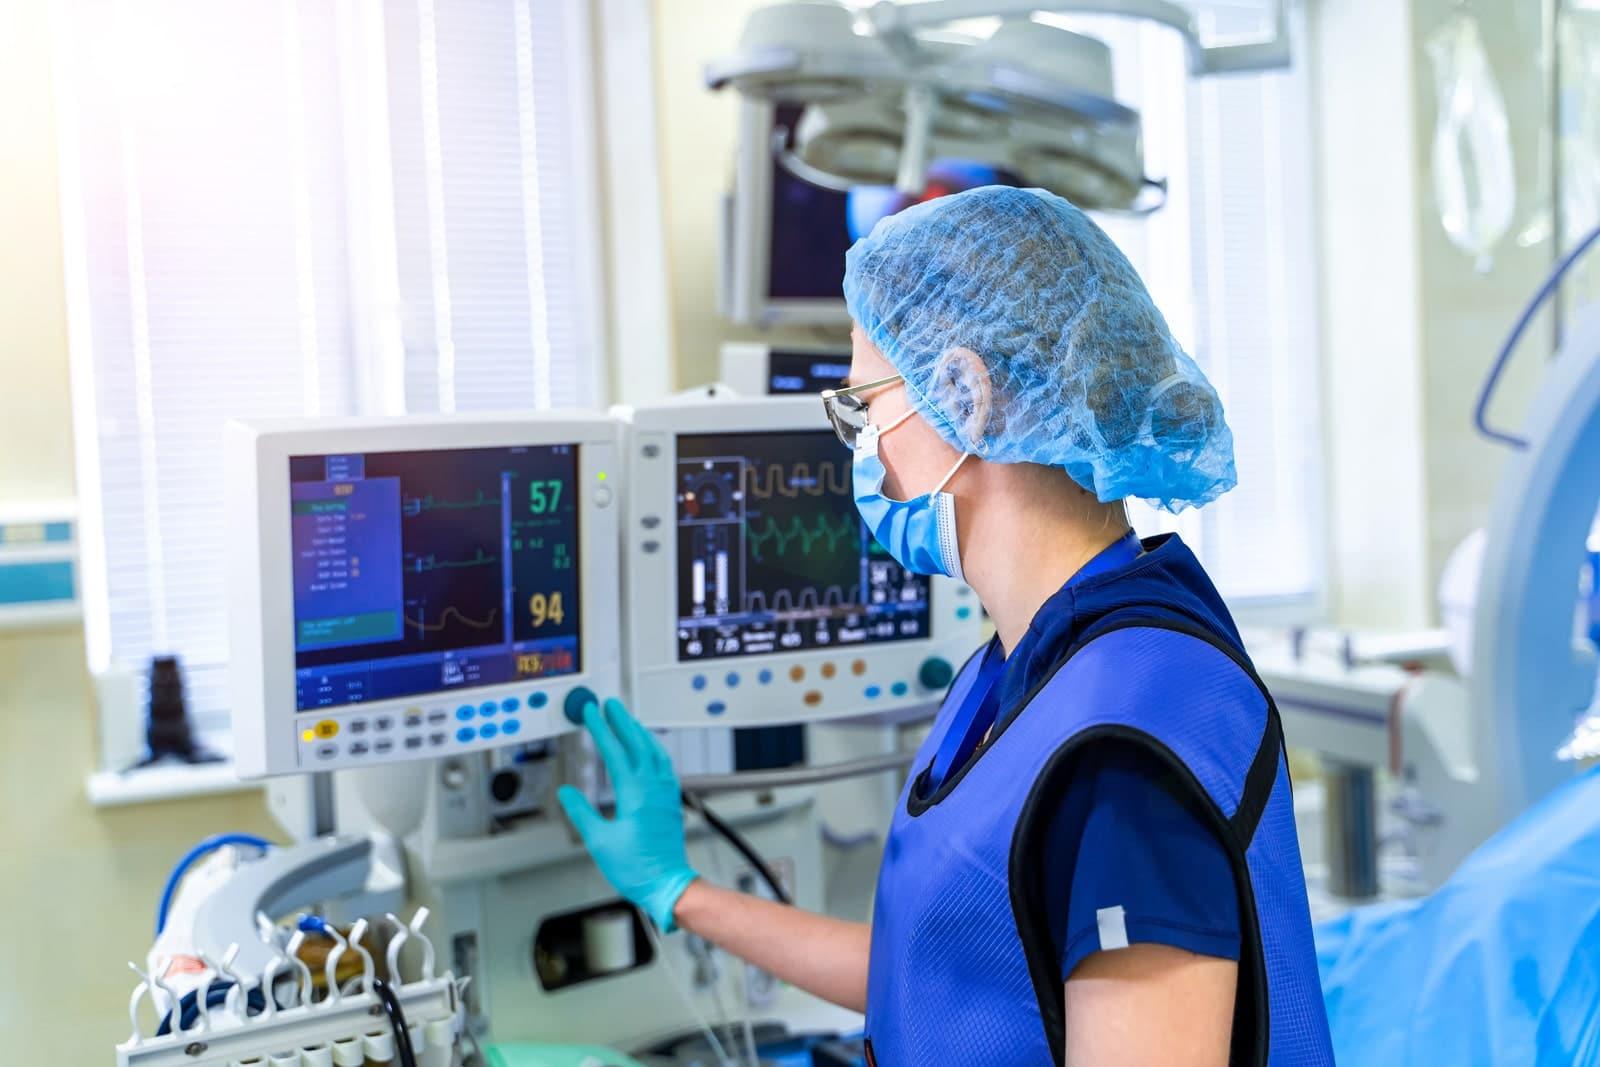 Trang thiết bị y tế hỗ trợ điều trị kịp thời và nhanh chóng